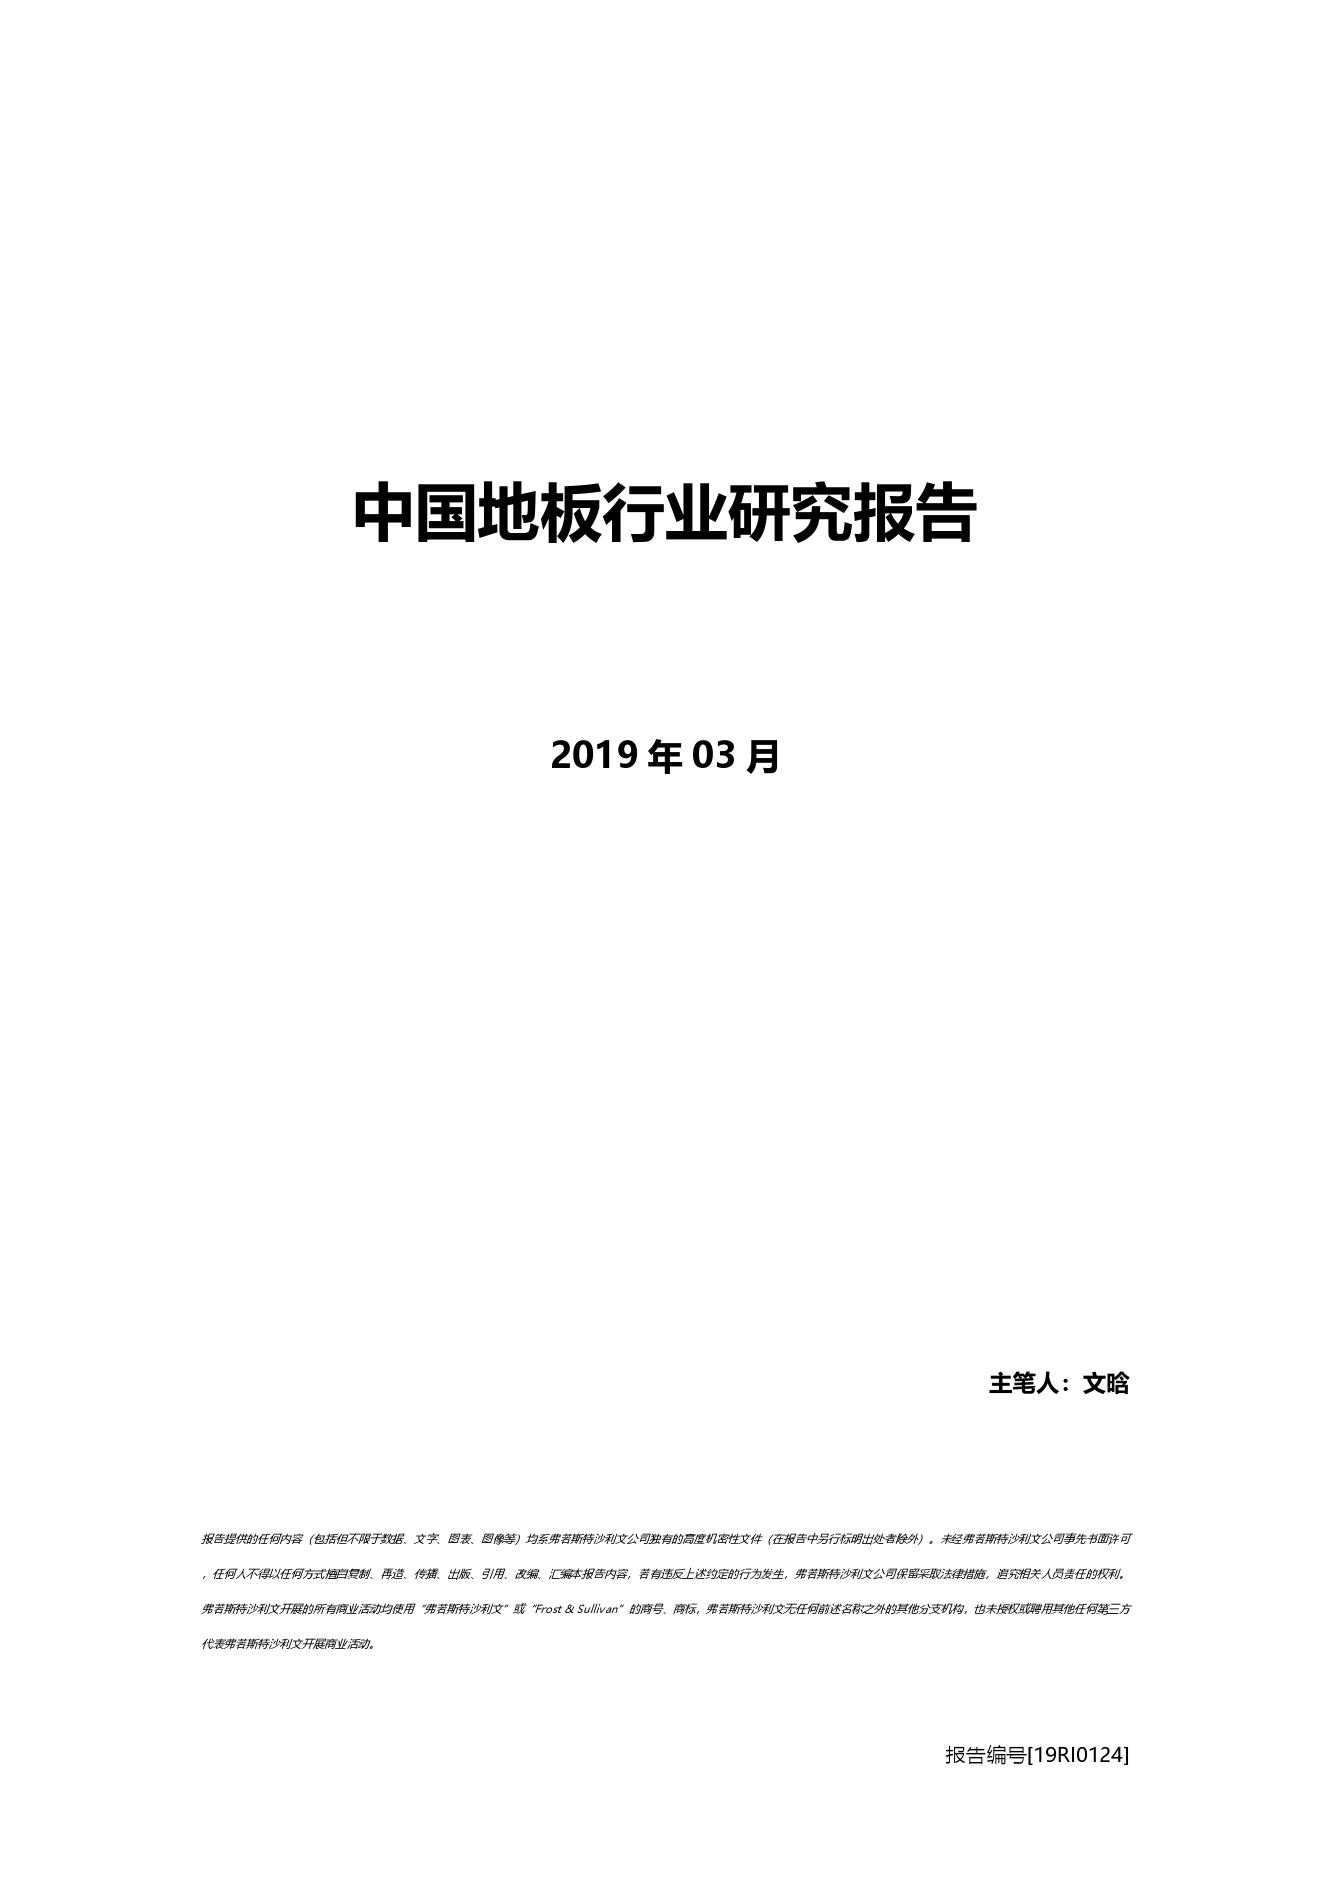 沙利文:2019中国地板行业市场研究(附下载)